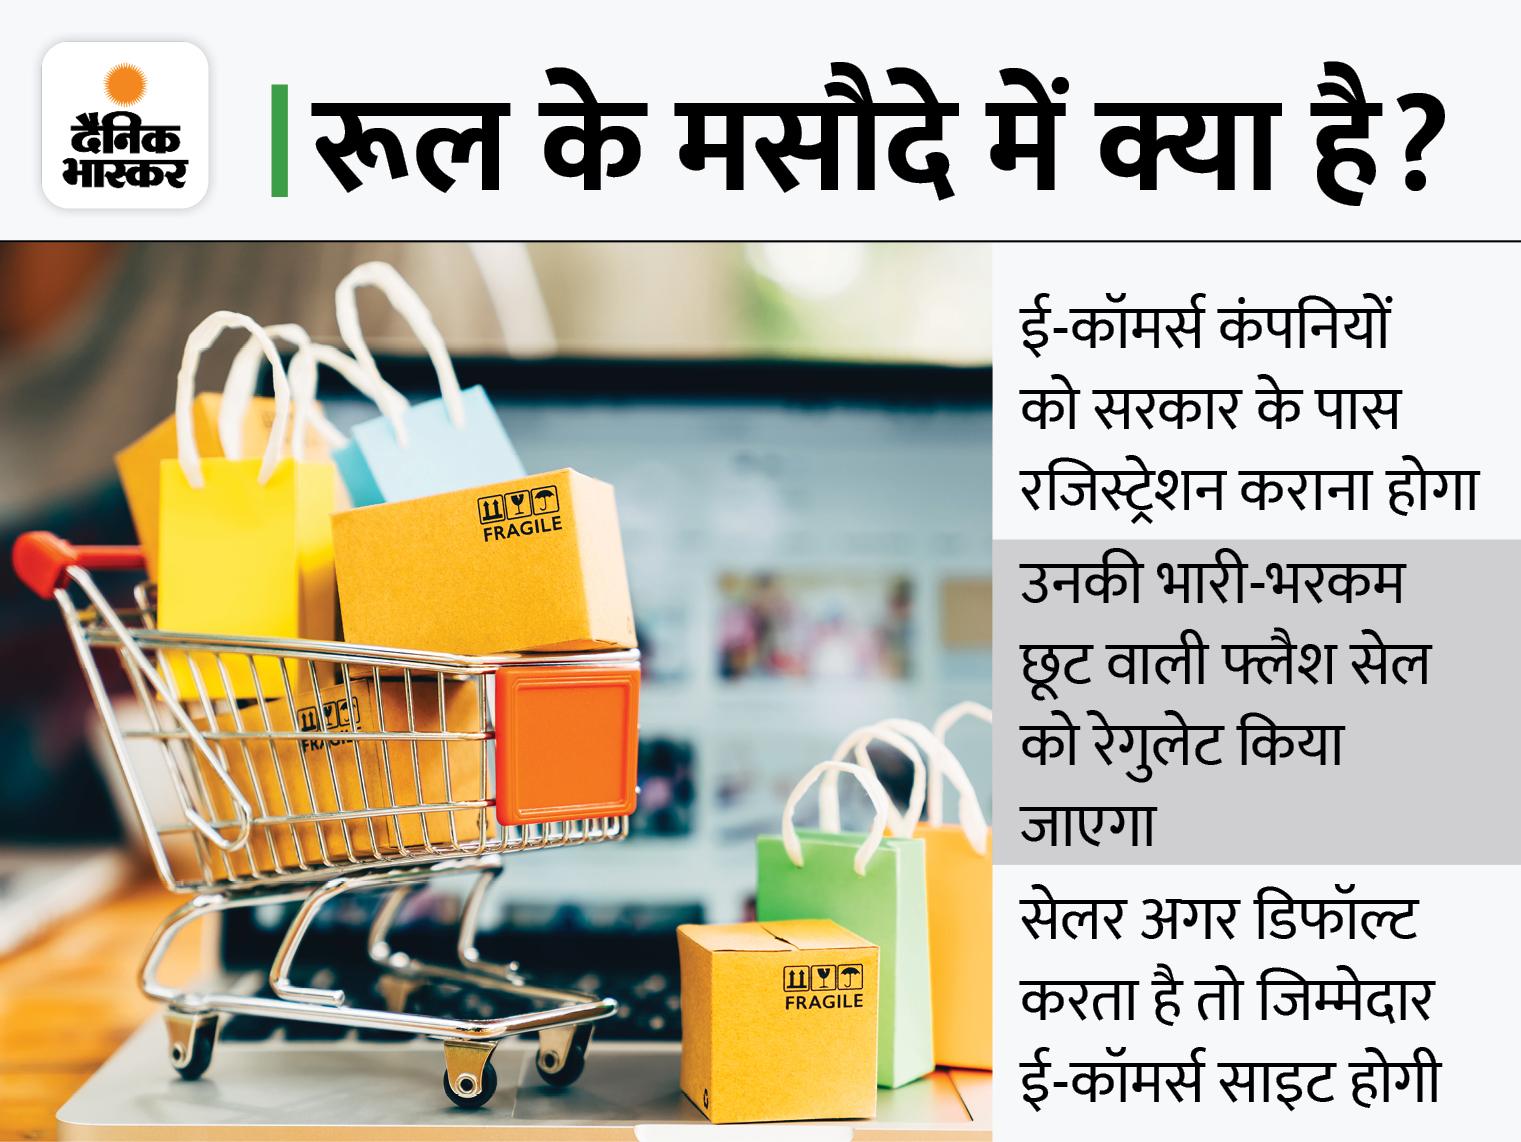 ड्राफ्ट पर नीति आयोग के अलावा अहम मंत्रालयों में एक राय नहीं, उपभोक्ता मामलों के मंत्रालय को करना पड़ सकता है बदलाव इकोनॉमी,Economy - Dainik Bhaskar